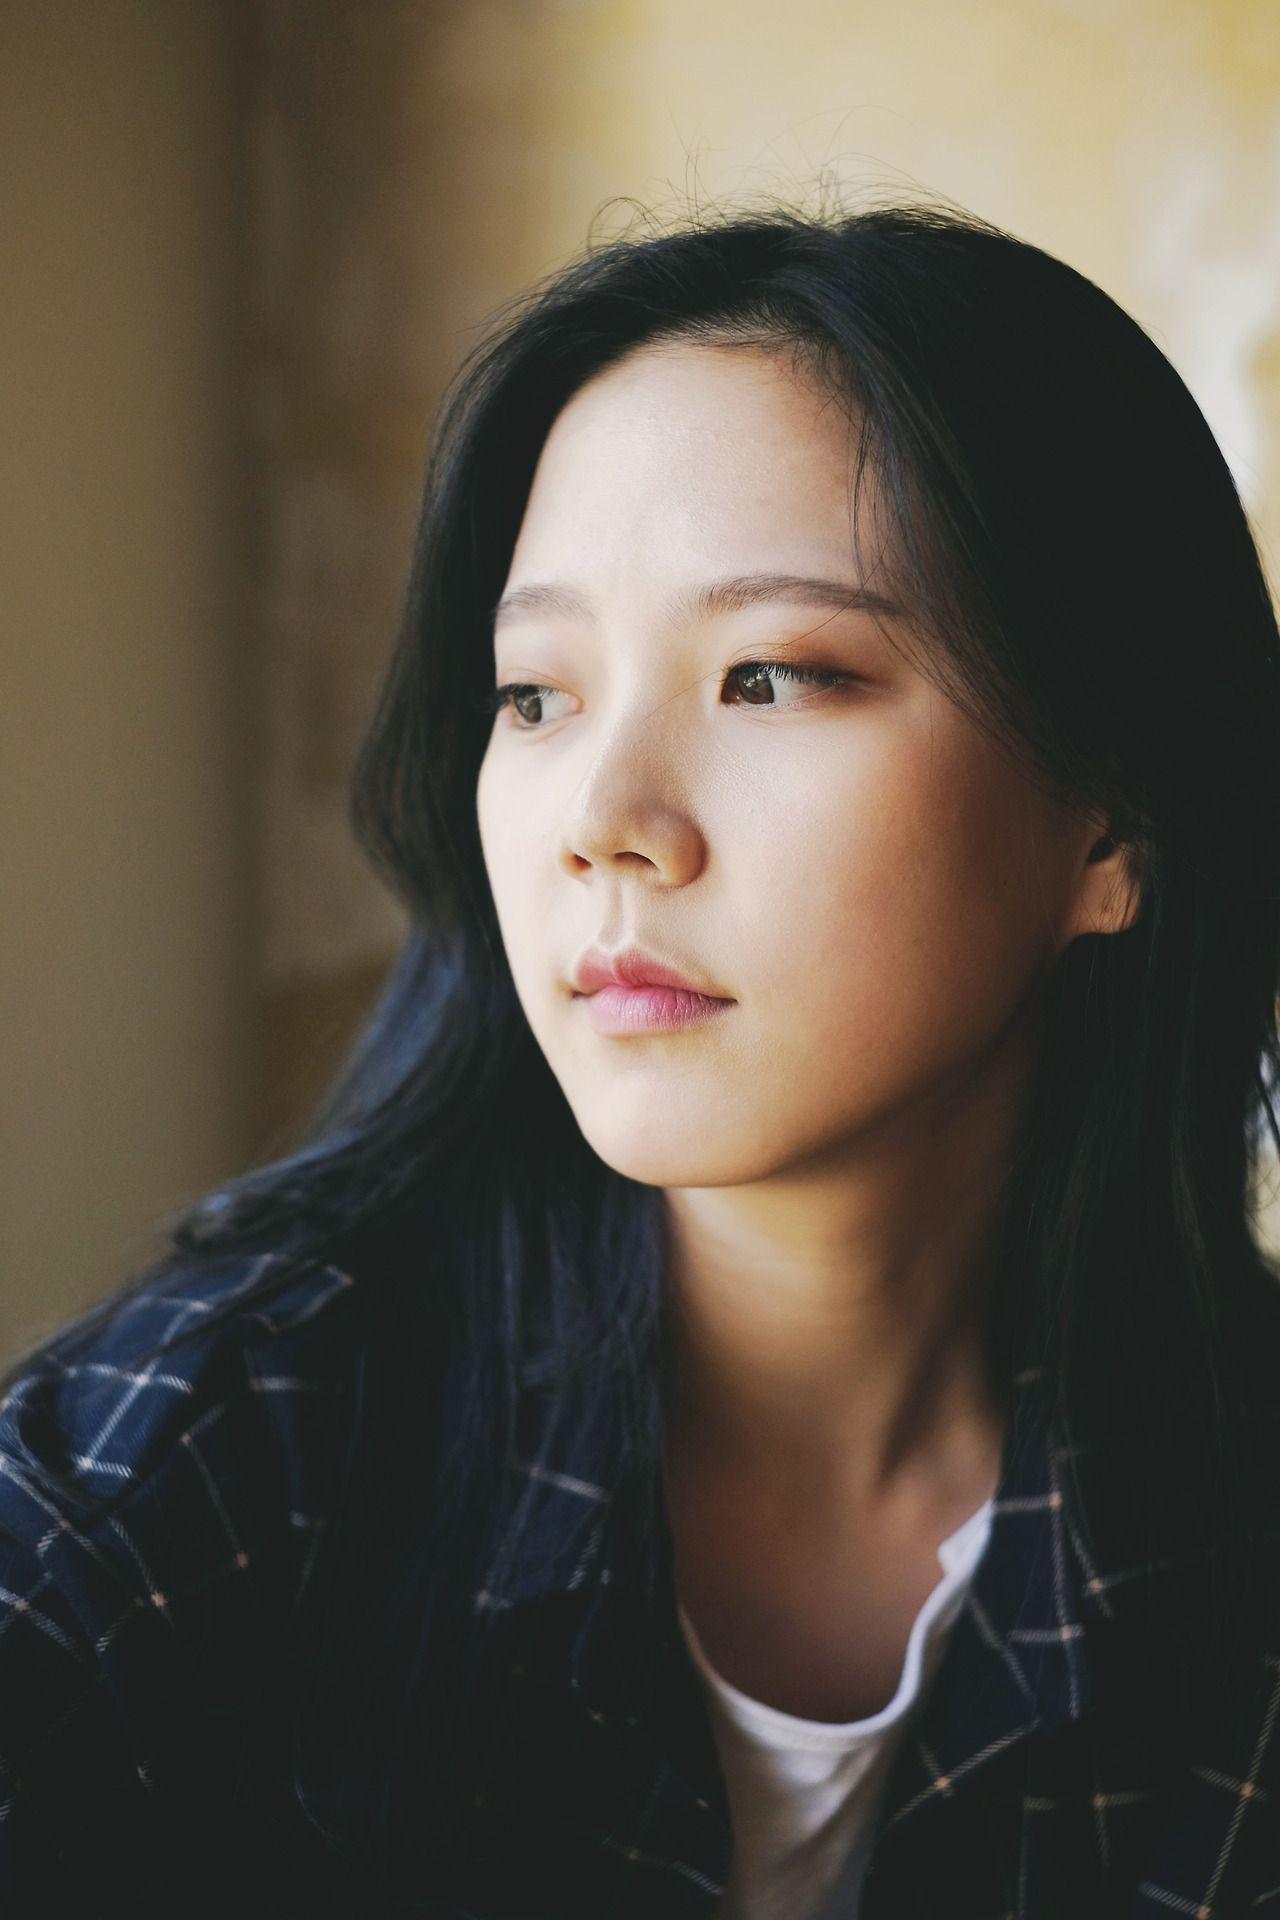 Fujifilm Portrait - Korea